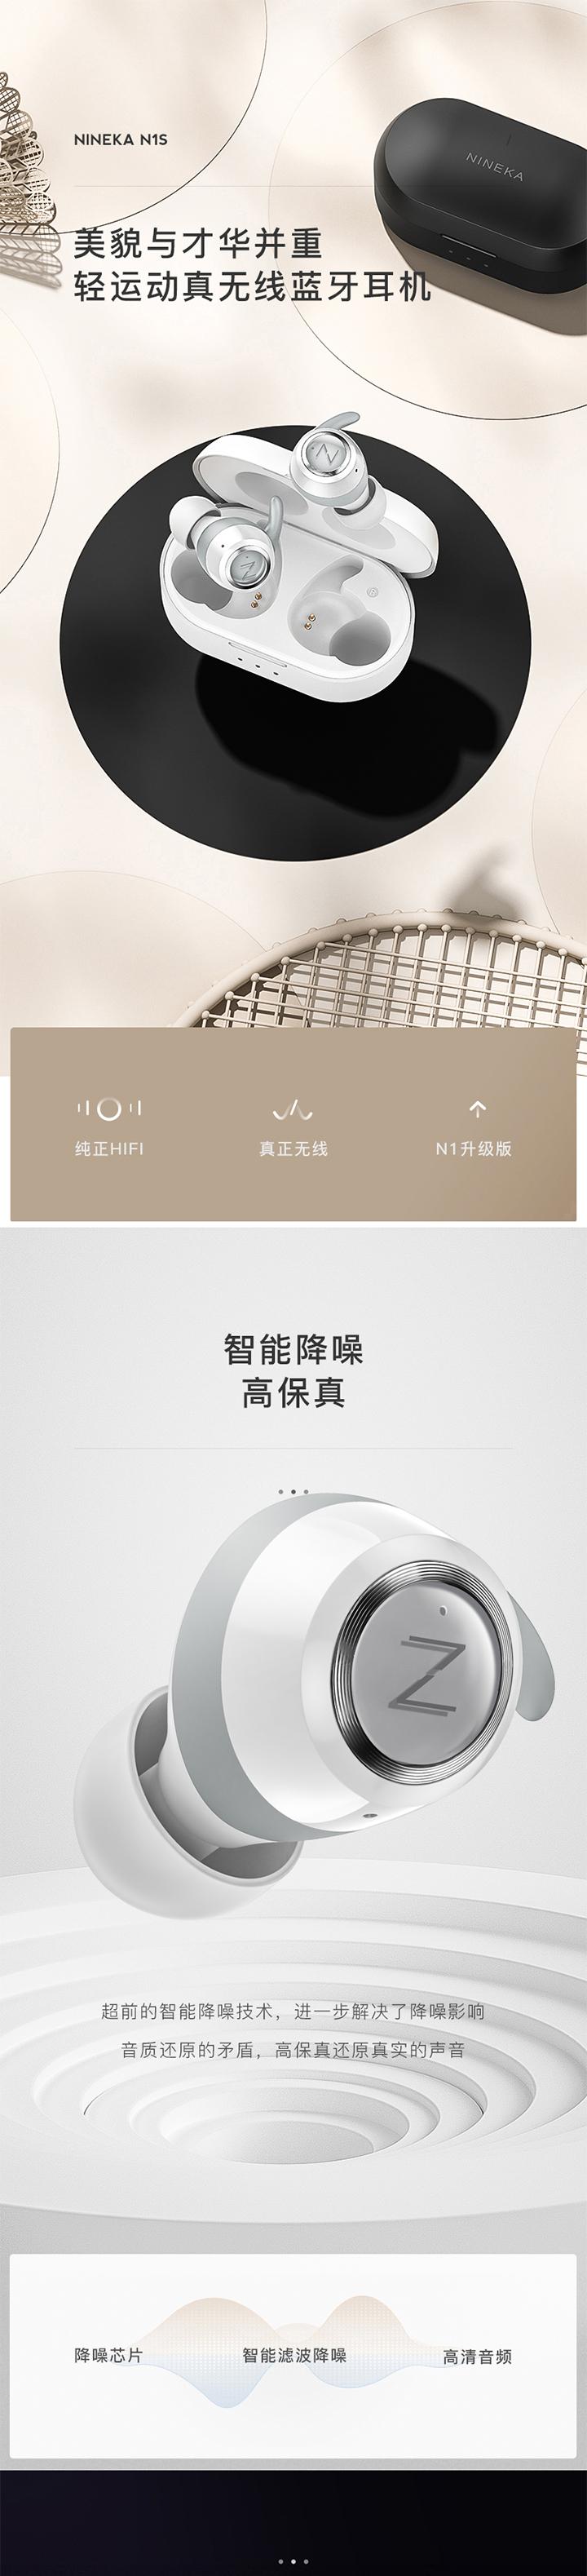 【轻体验】南卡N1S蓝牙耳机免费试用,评测